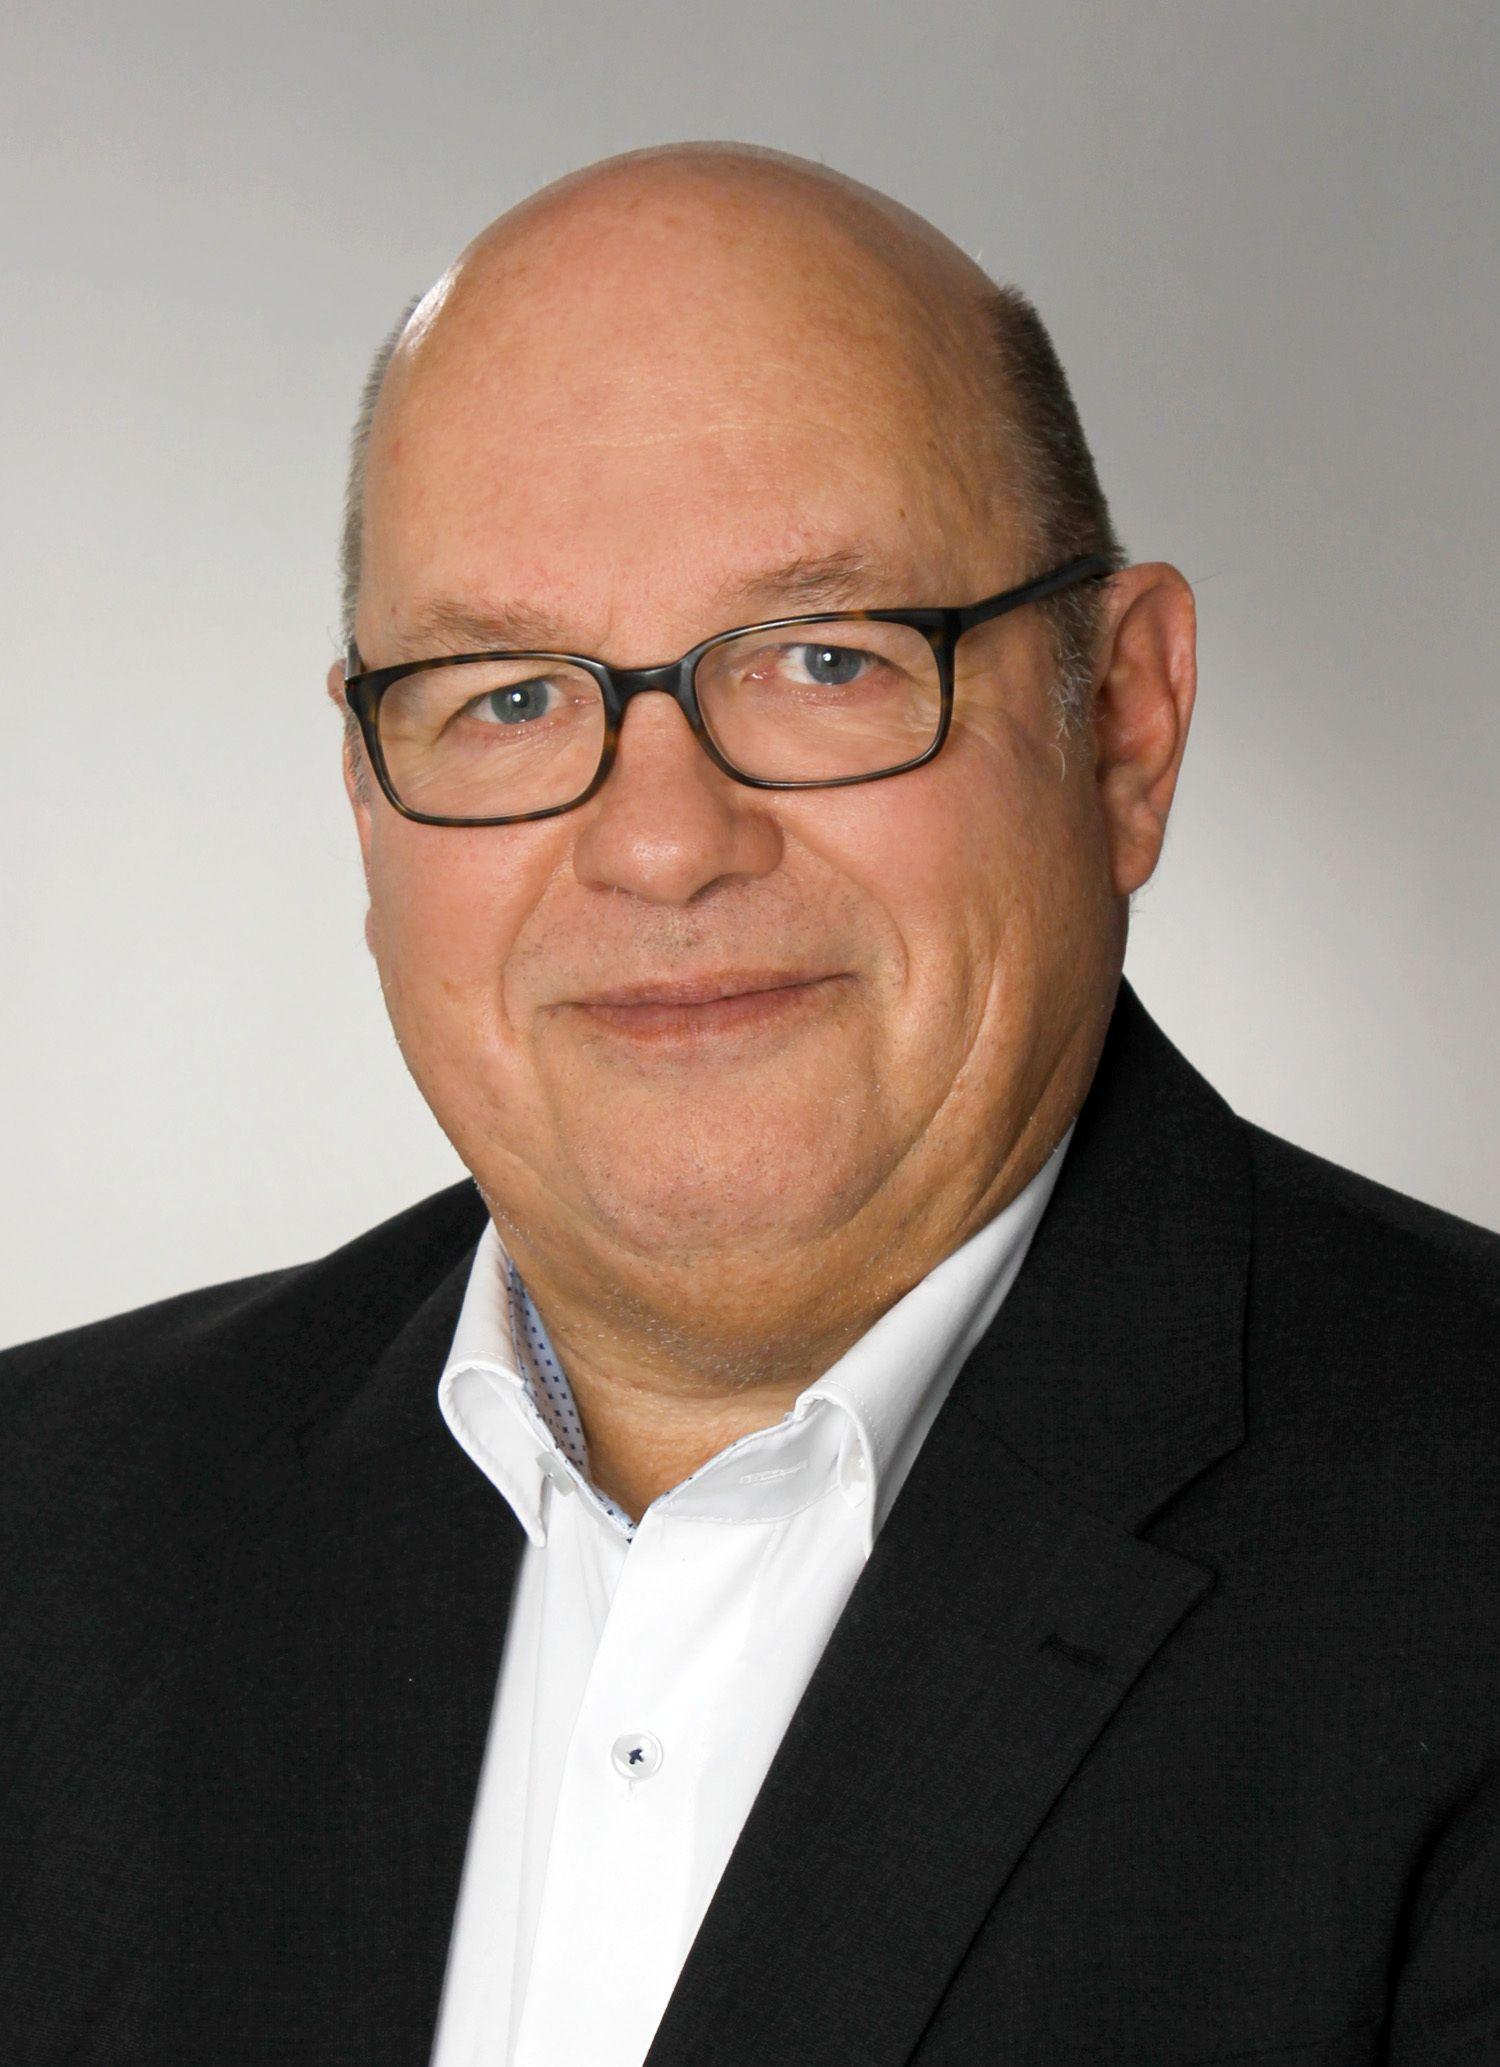 Rafael Behr